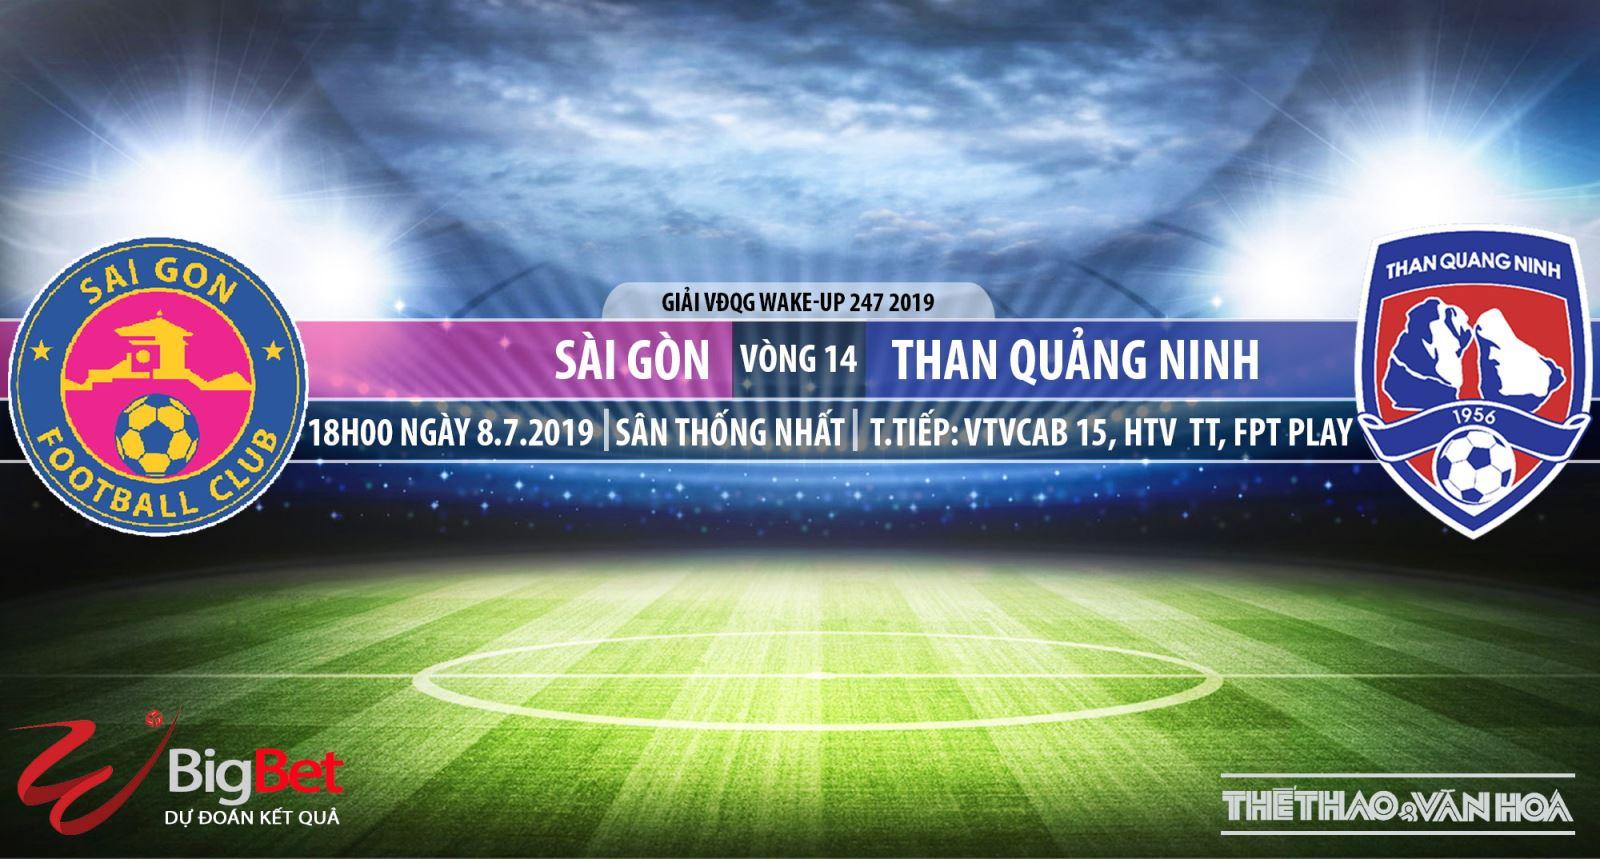 Trực tiếp bóng đá Sài Gòn đấu với Quảng Ninh (18h00, 08/07)